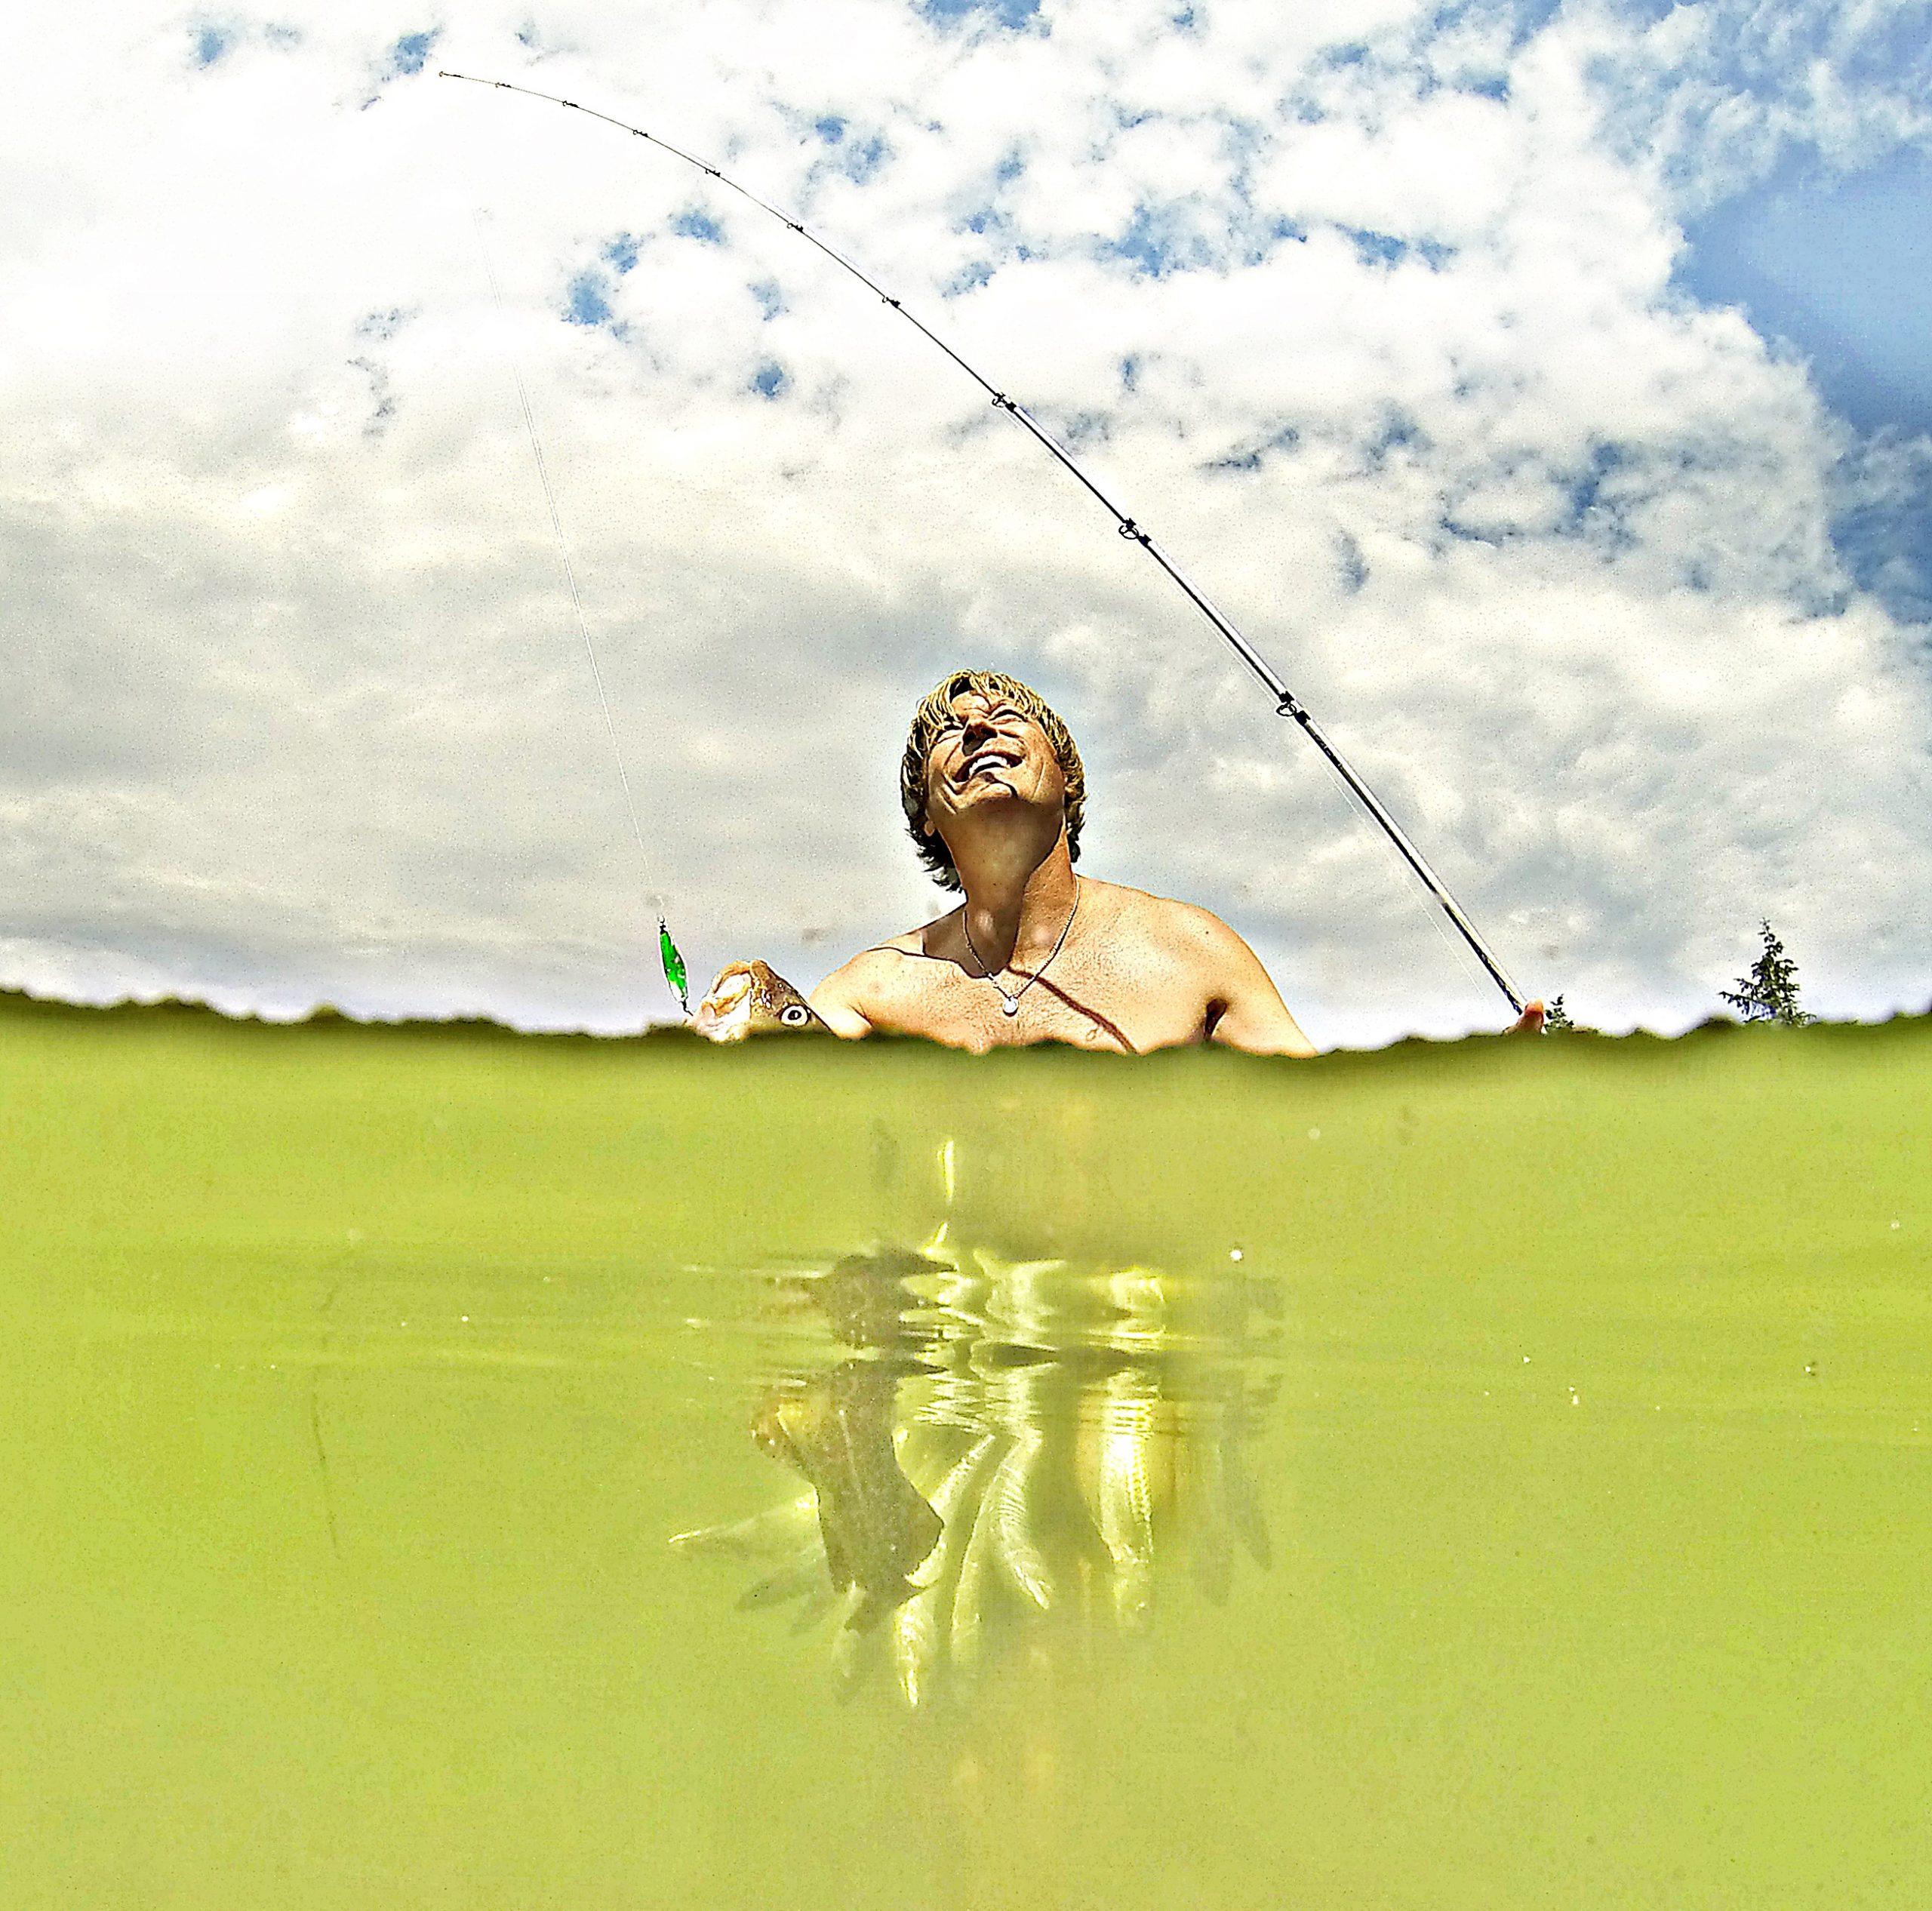 nakenfisking, har du prøvd enda?